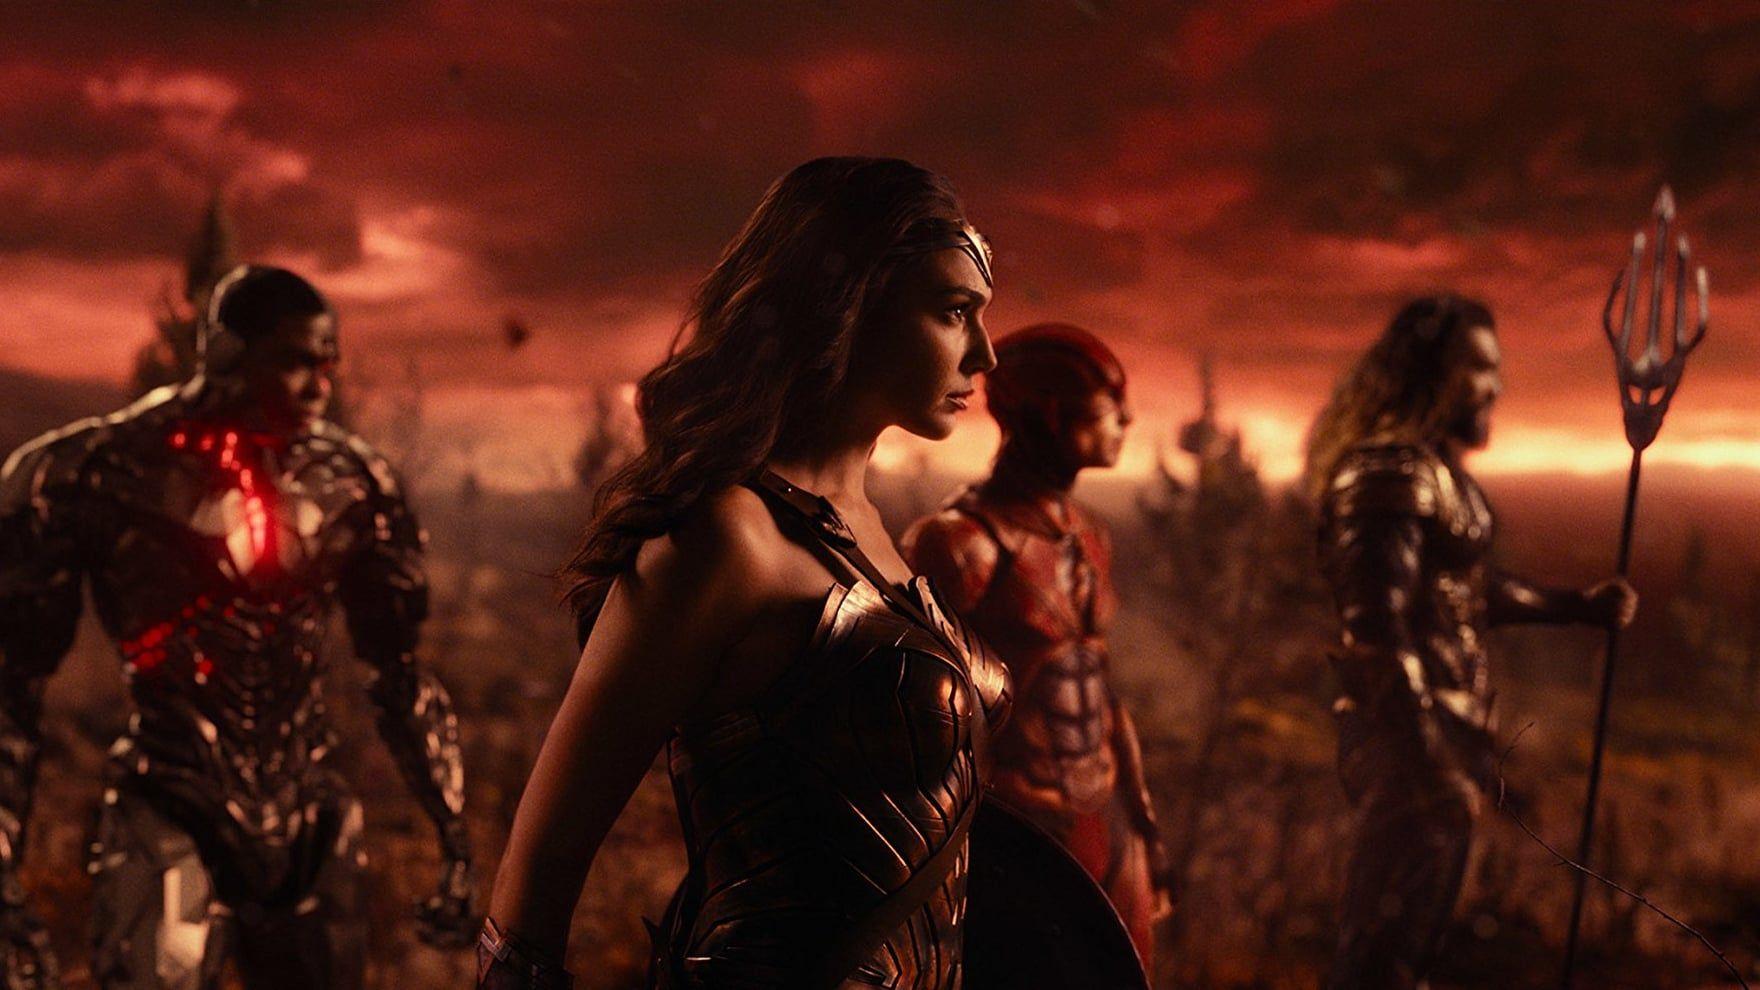 Az Igazsag Ligaja 2017 Online Teljes Film Filmek Magyarul Letoltes Hd Az Igazsag Ligaja 2017 Teljes Fil Justice League 2017 Watch Justice League Justice League